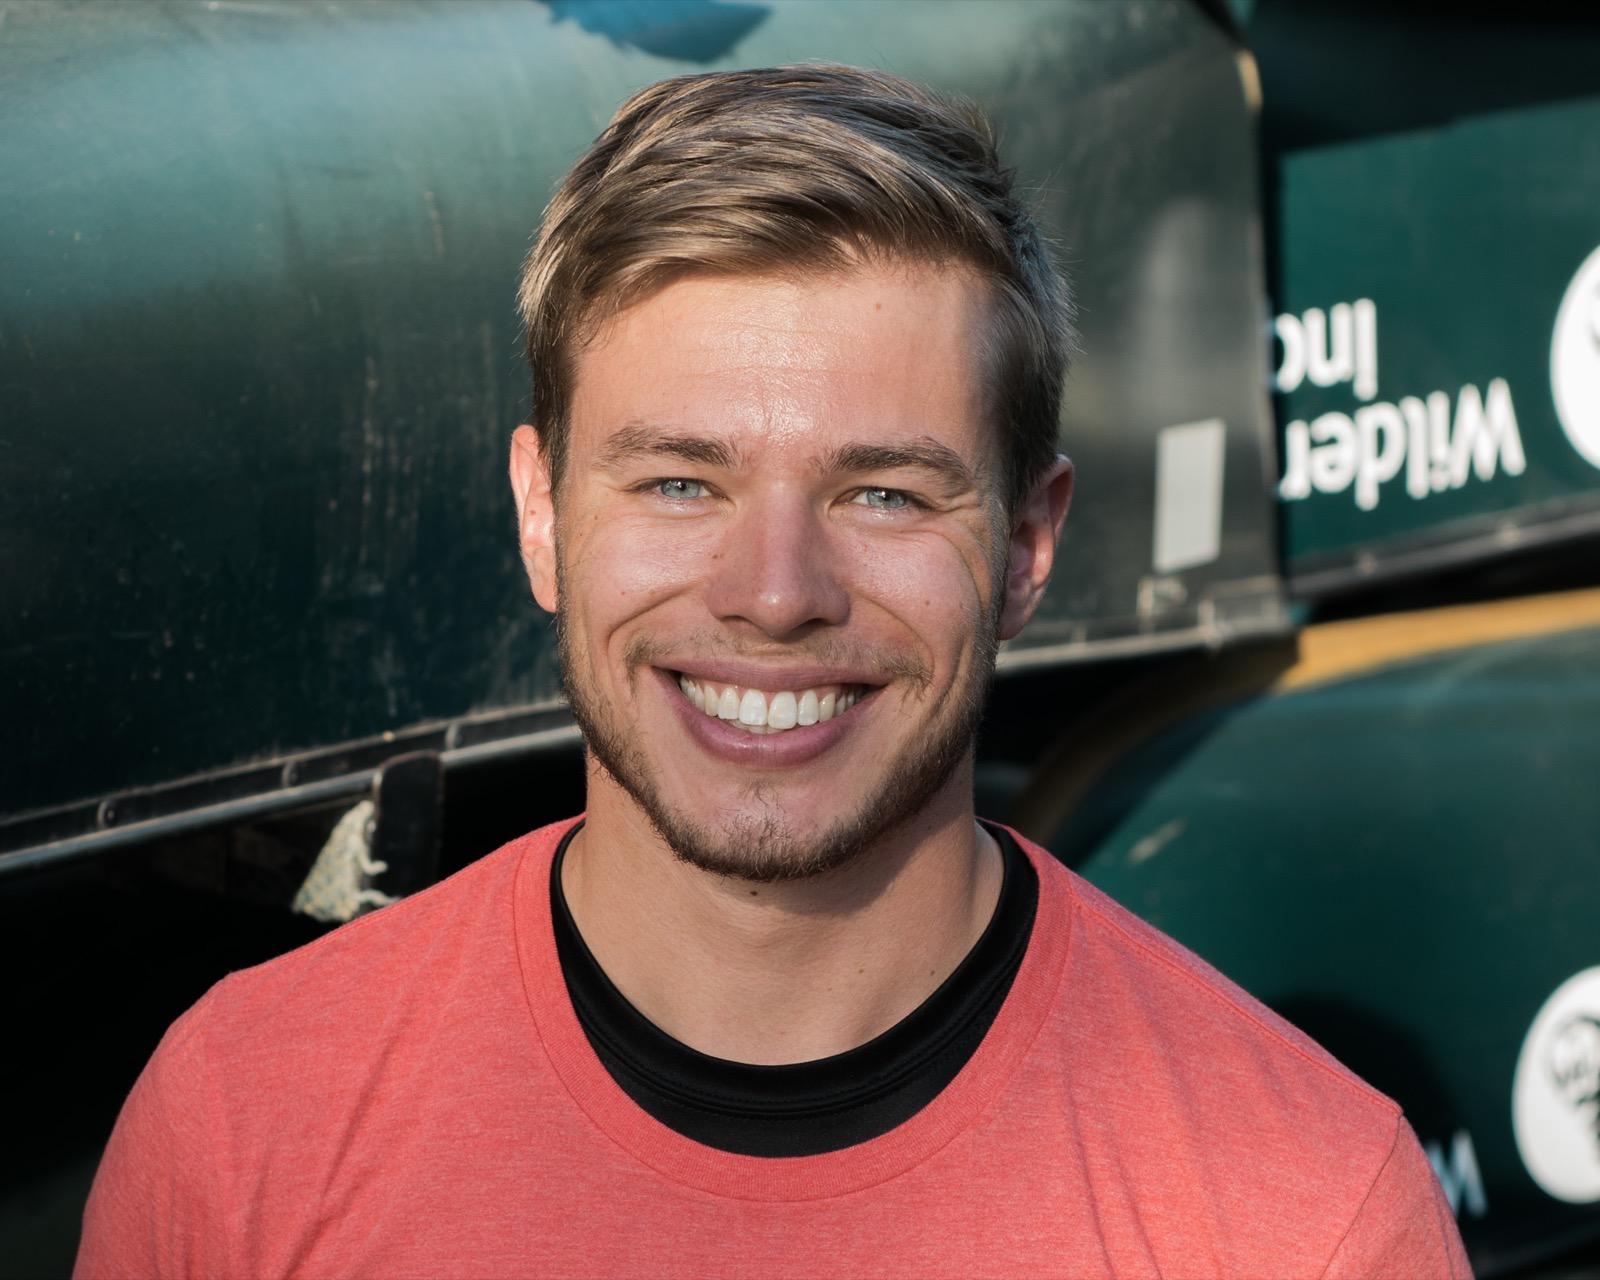 Thor Knutson